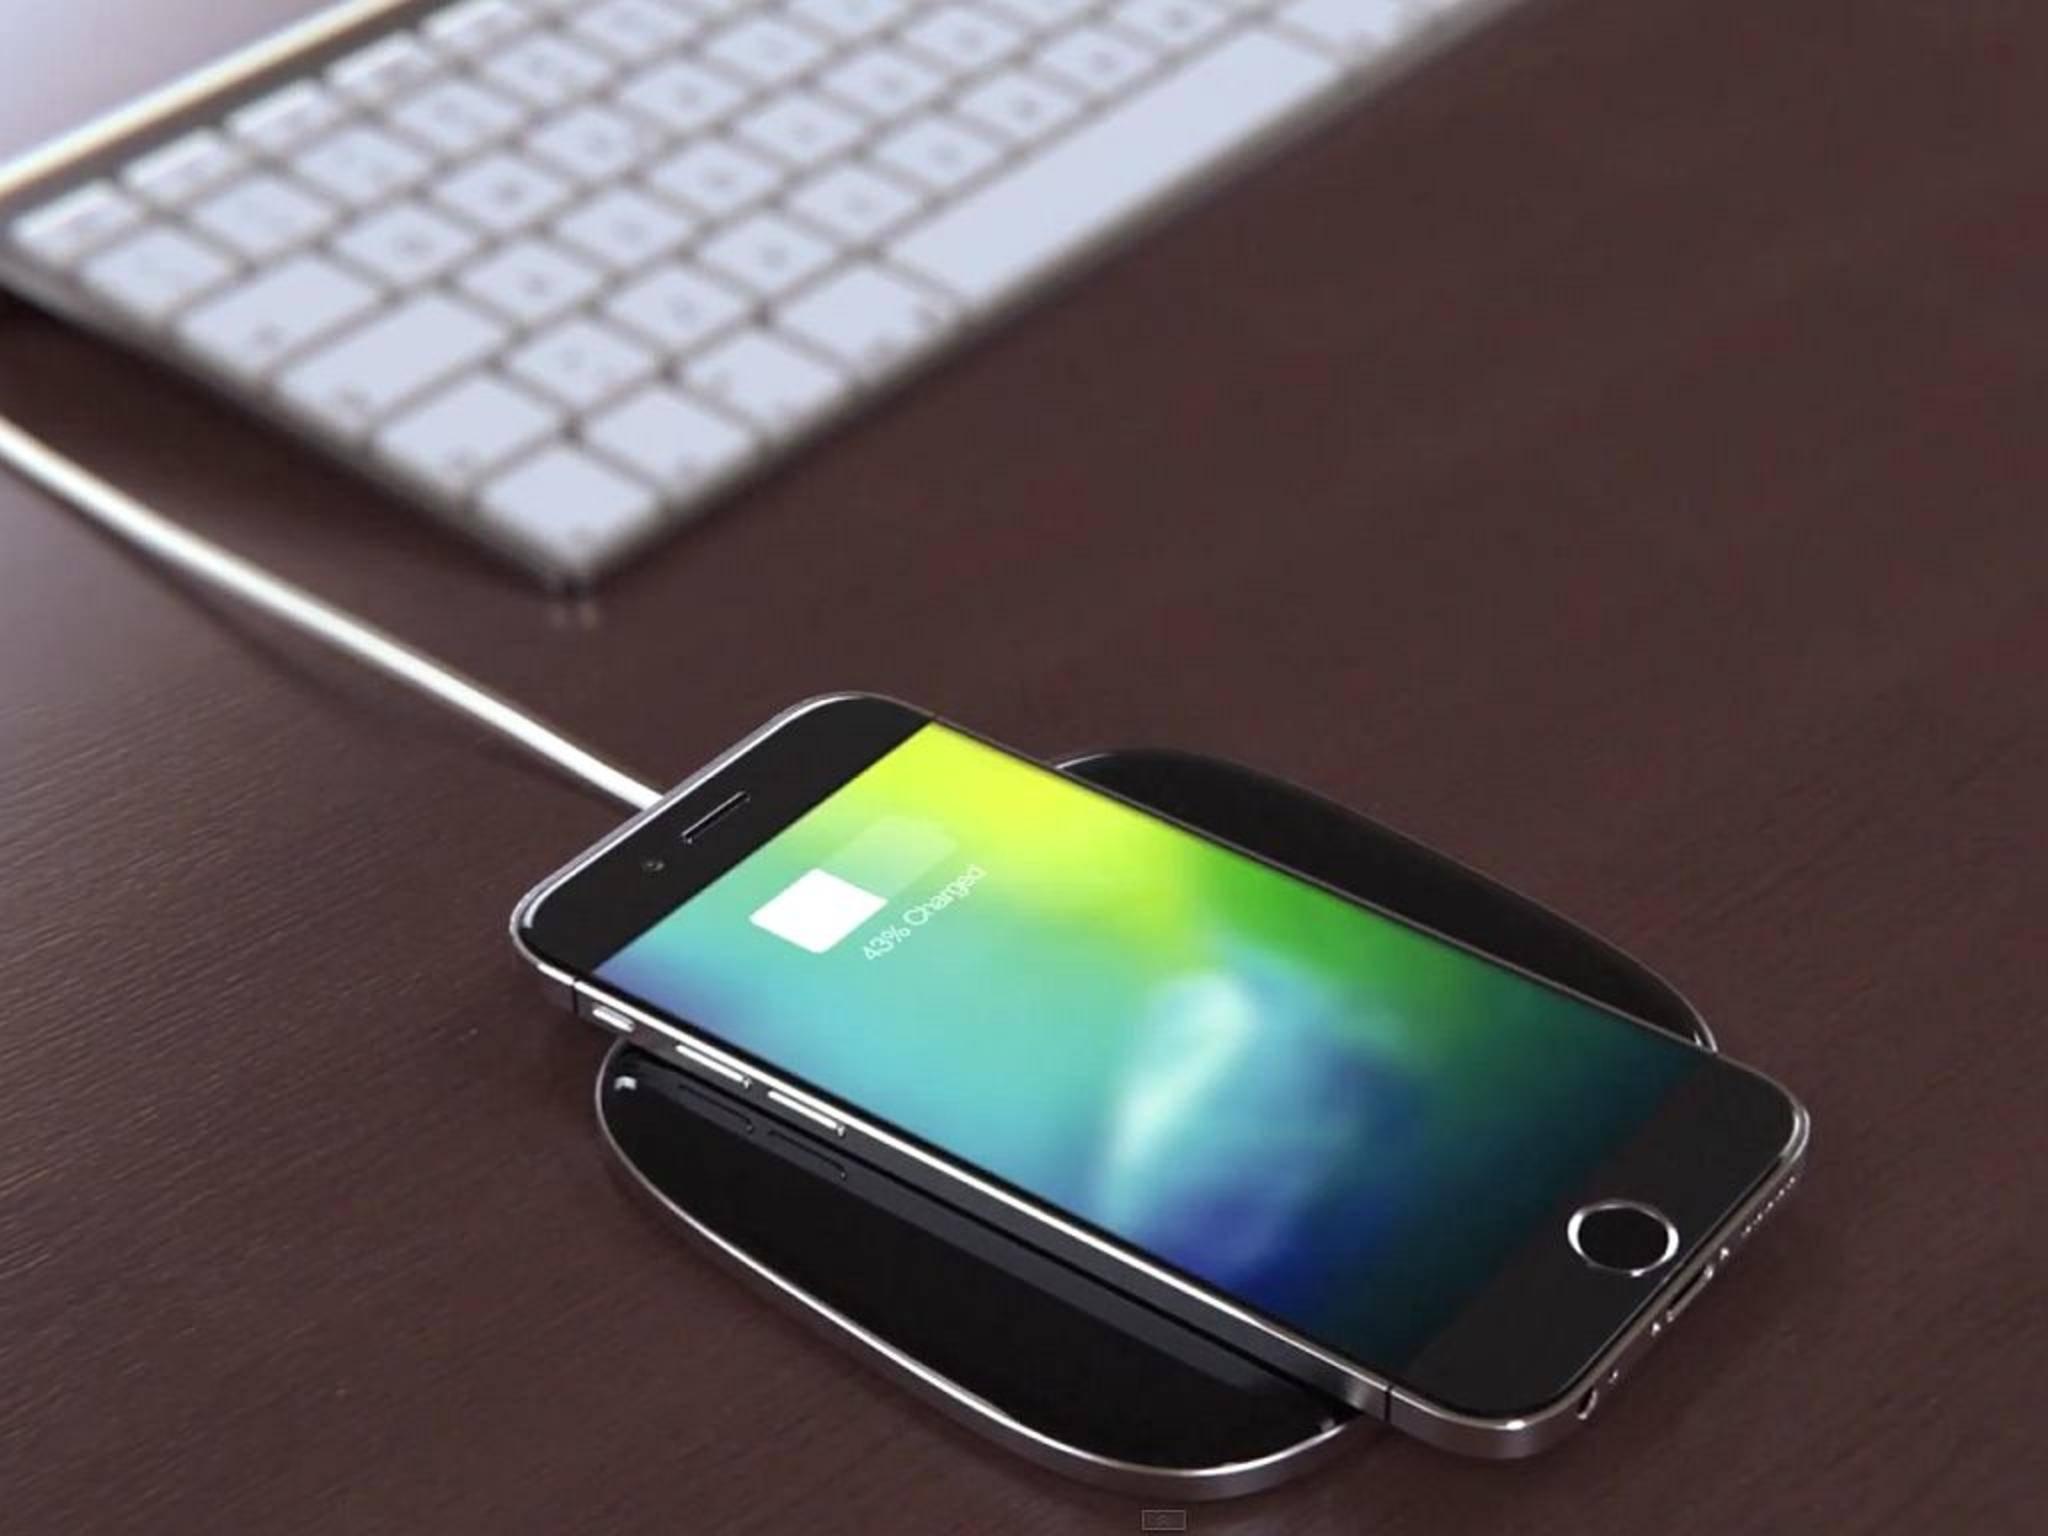 Dieses Konzept zeigt bereits das iPhone 7.